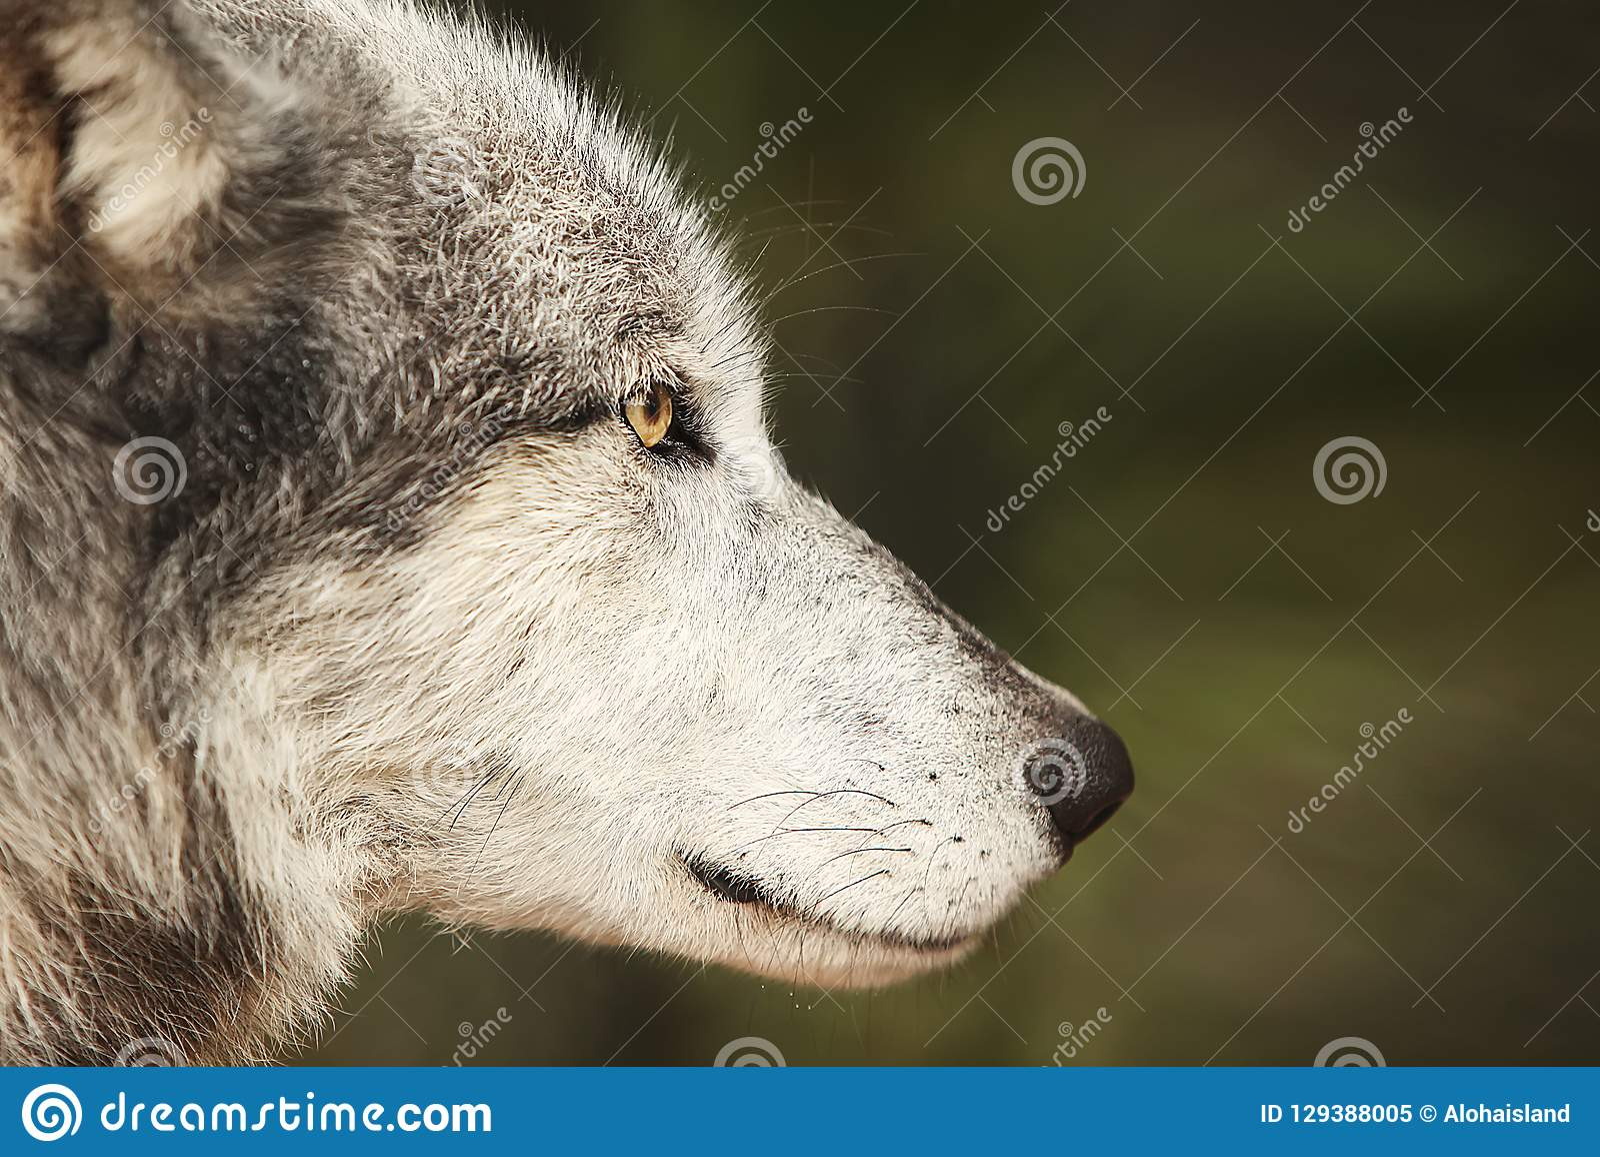 Digitalfotografie-Hintergrund von Grey Wolf Profile